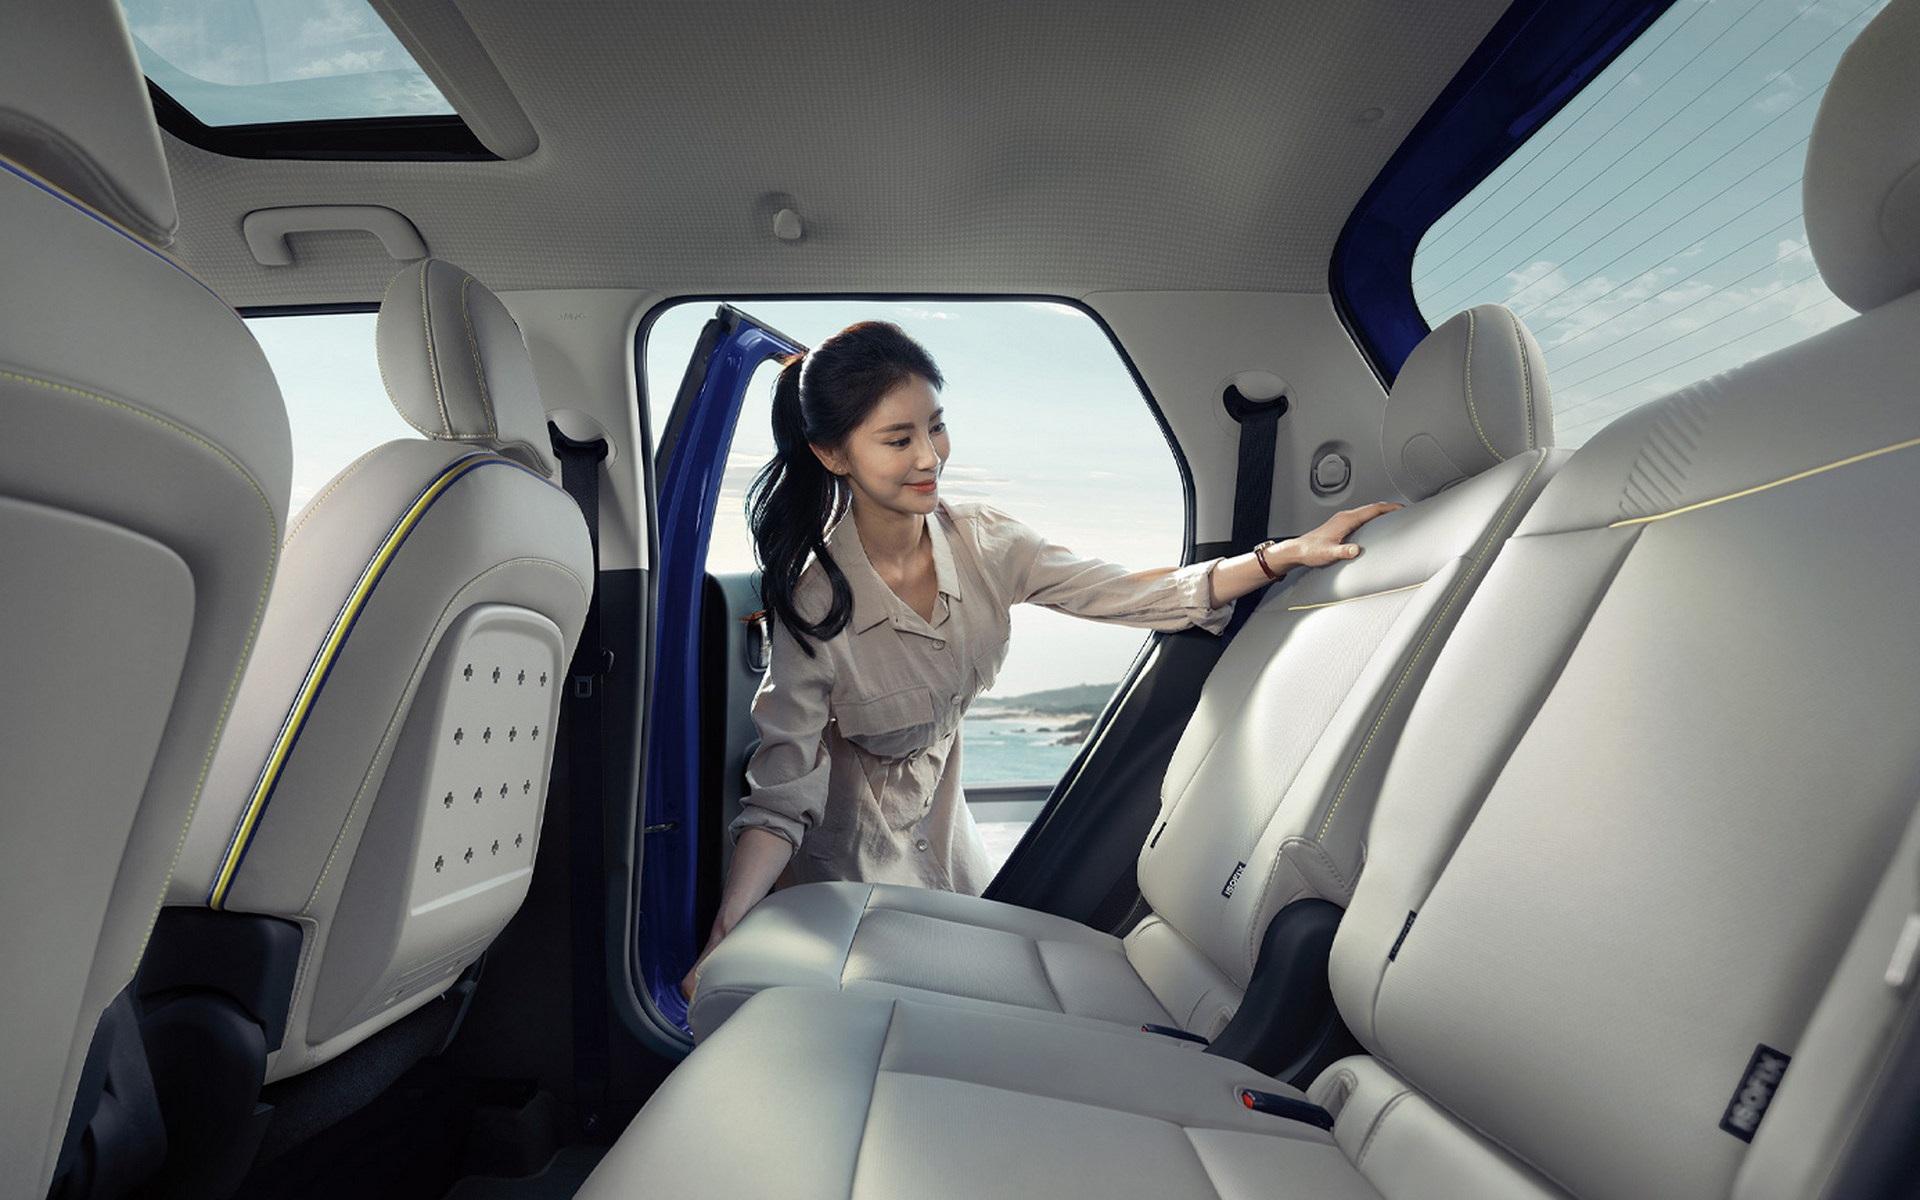 Mở bán tân binh Casper- mẫu SUV rẻ nhất của Hyundai - Ảnh 2.